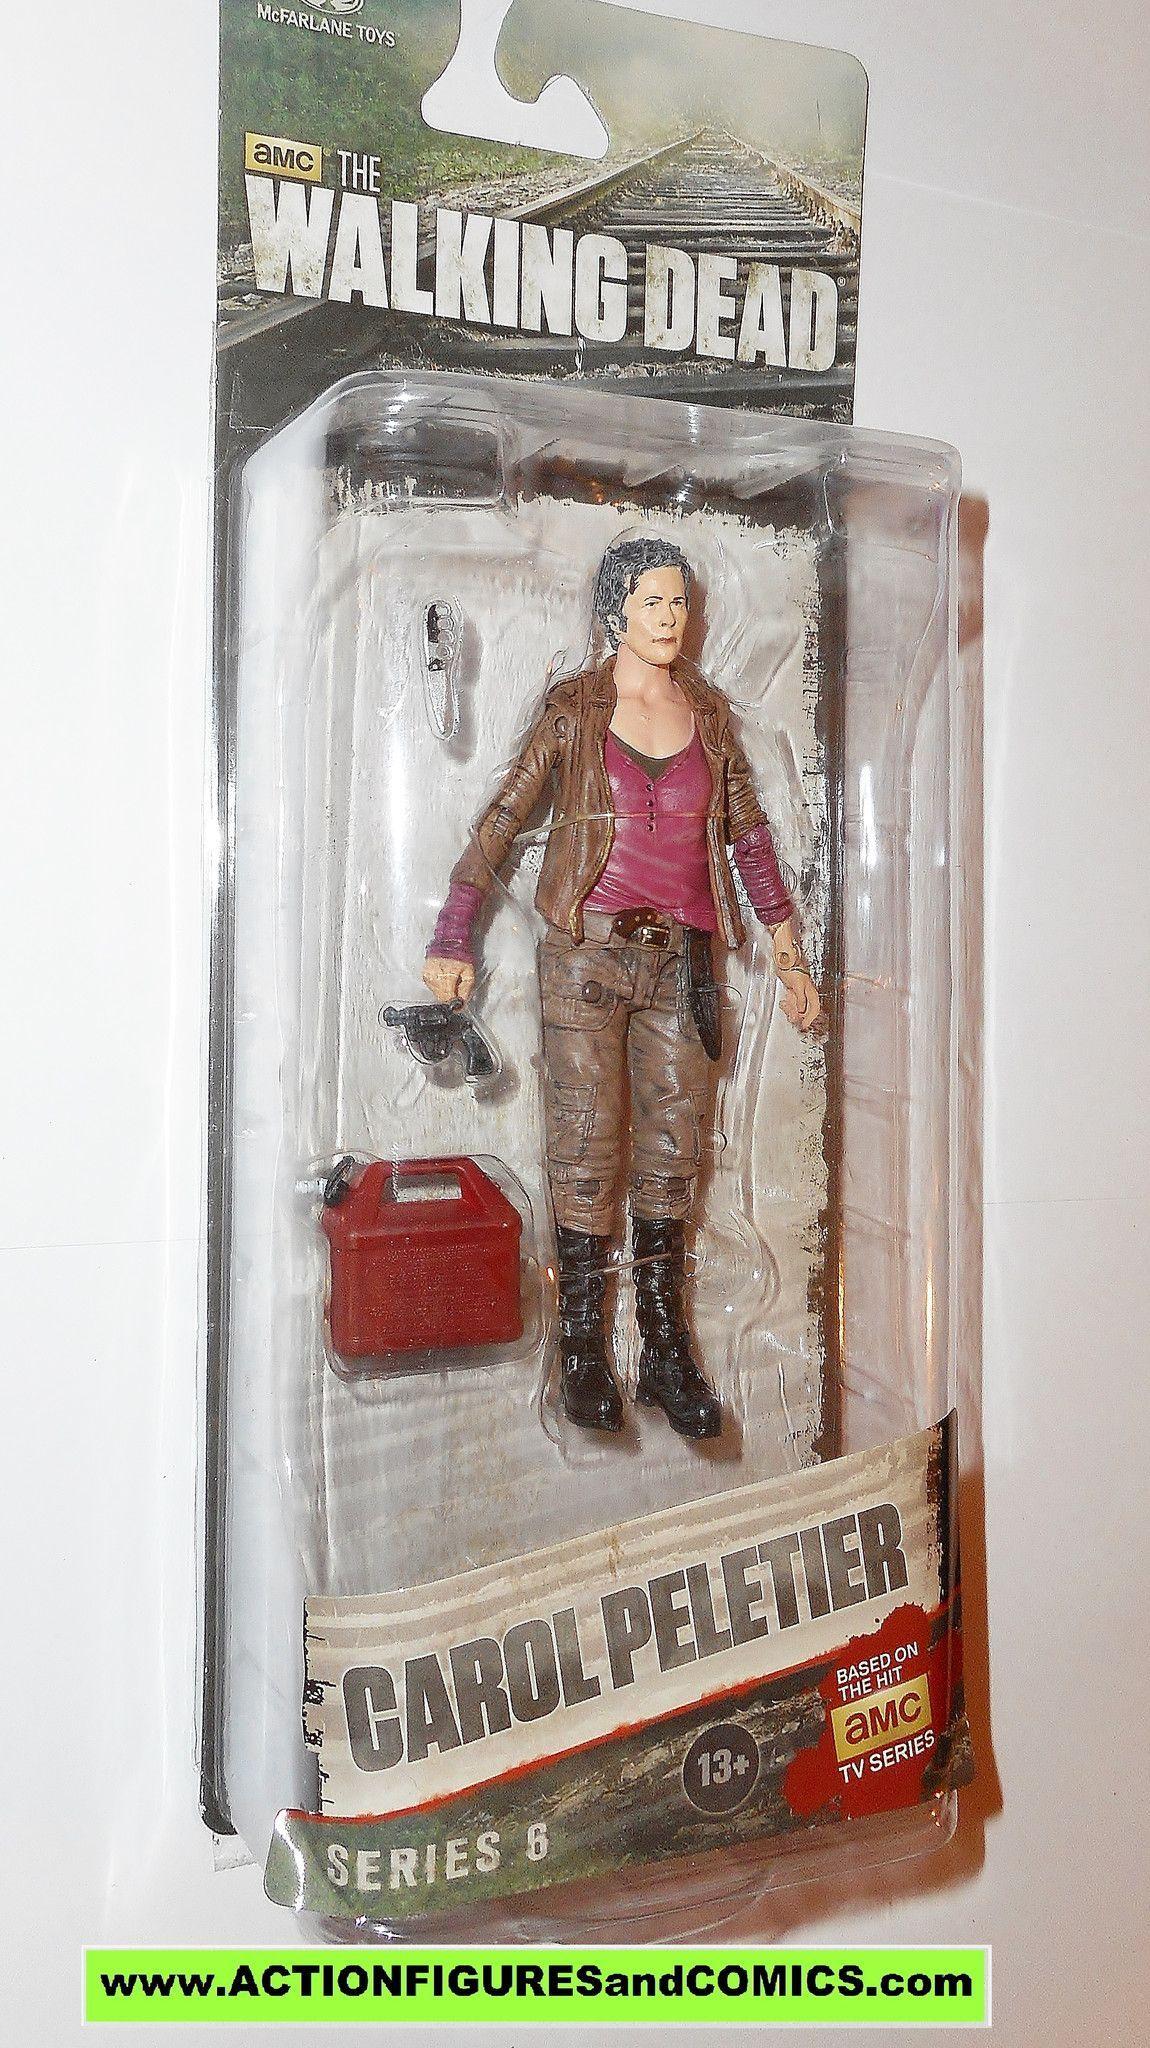 McFarlane The Walking Dead Series 6 Carol Peletier Action Figure New In Package